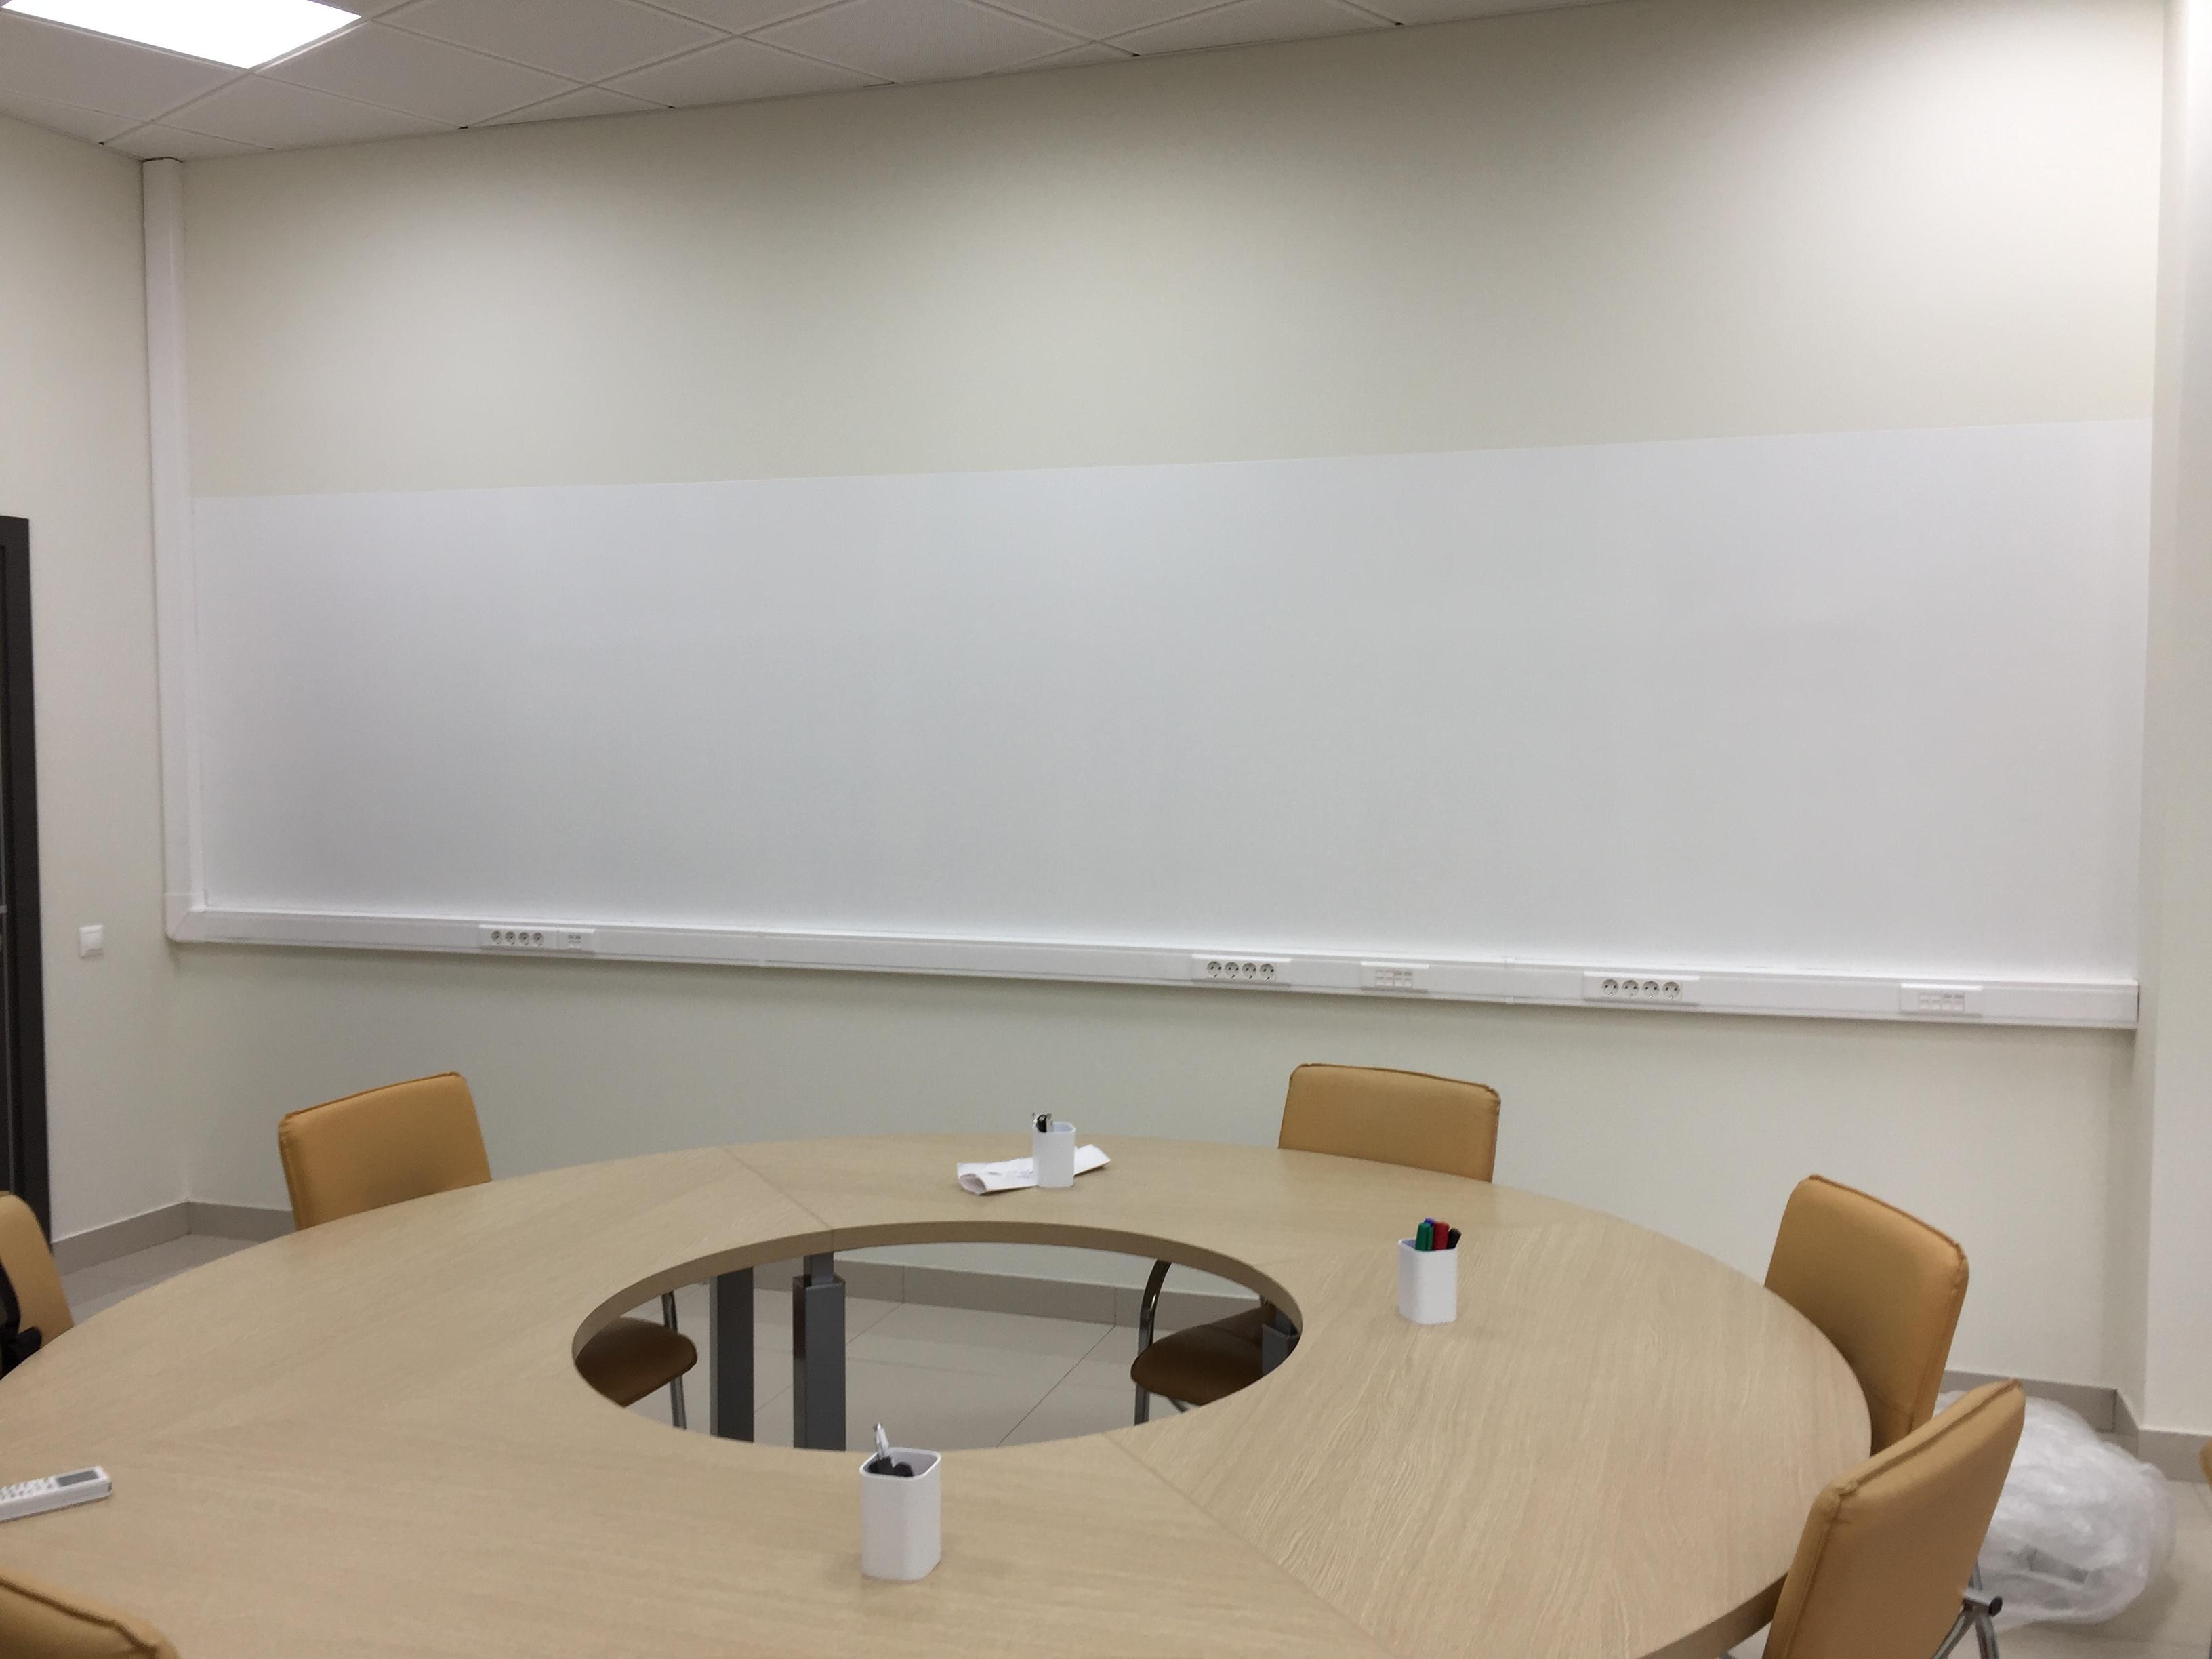 Магнитно маркерная стена в переговорной комнате